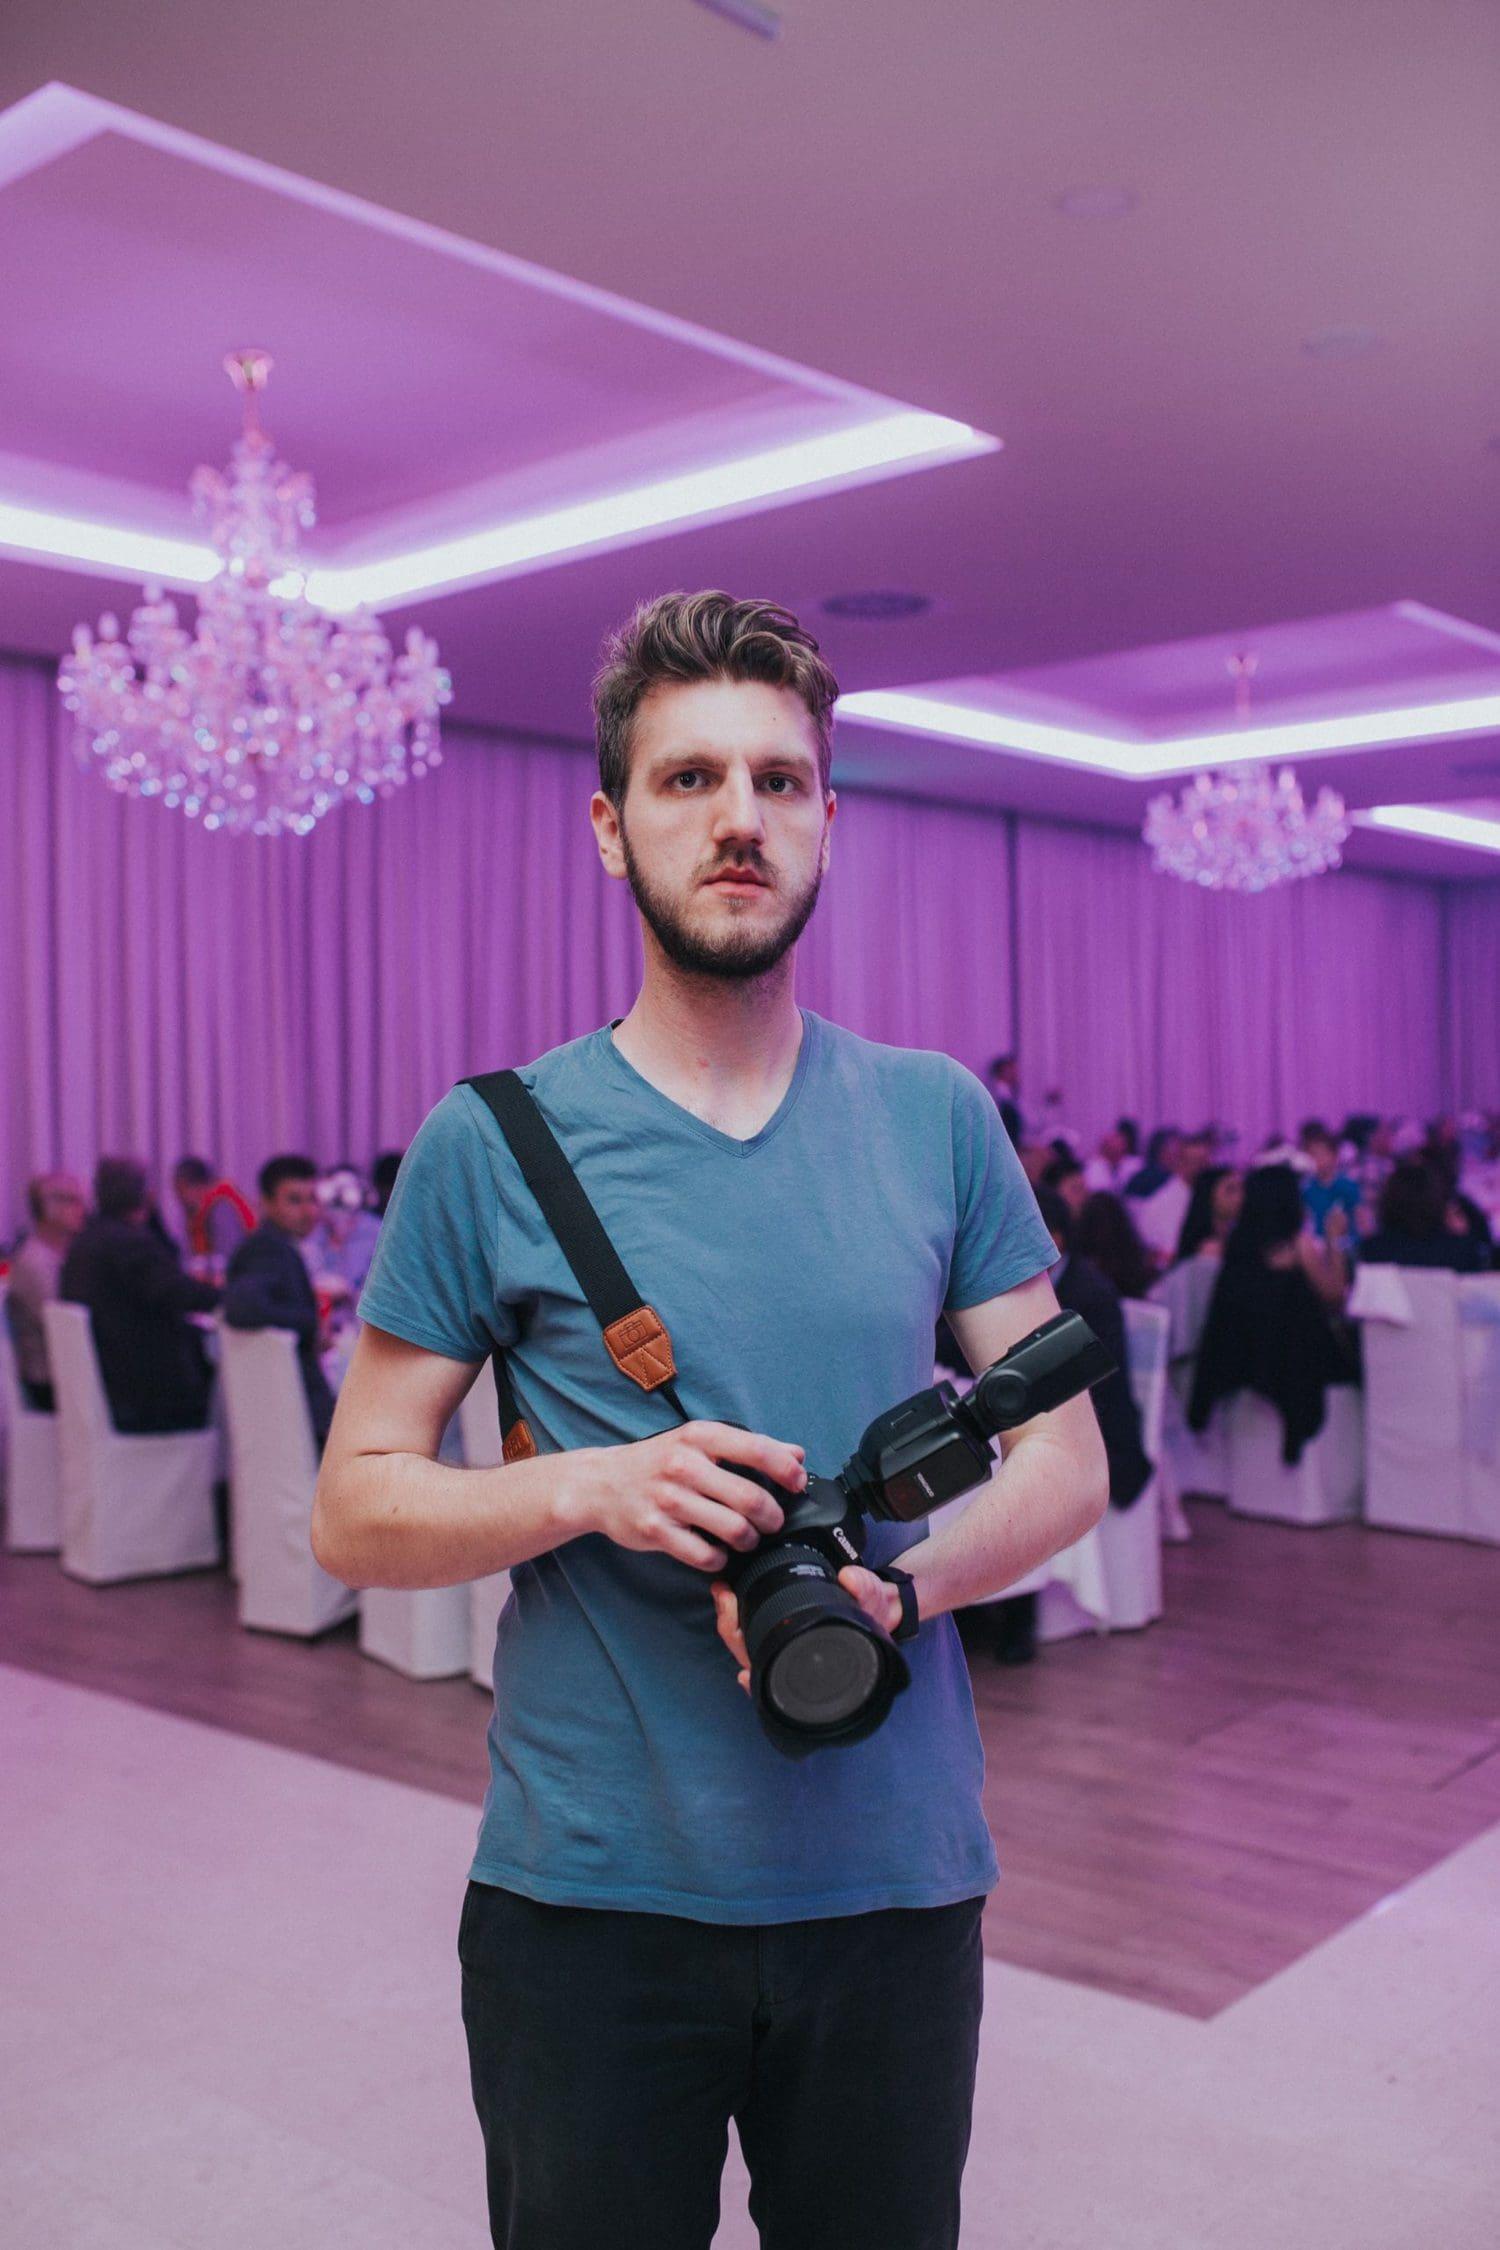 Fotógrafo en un evento